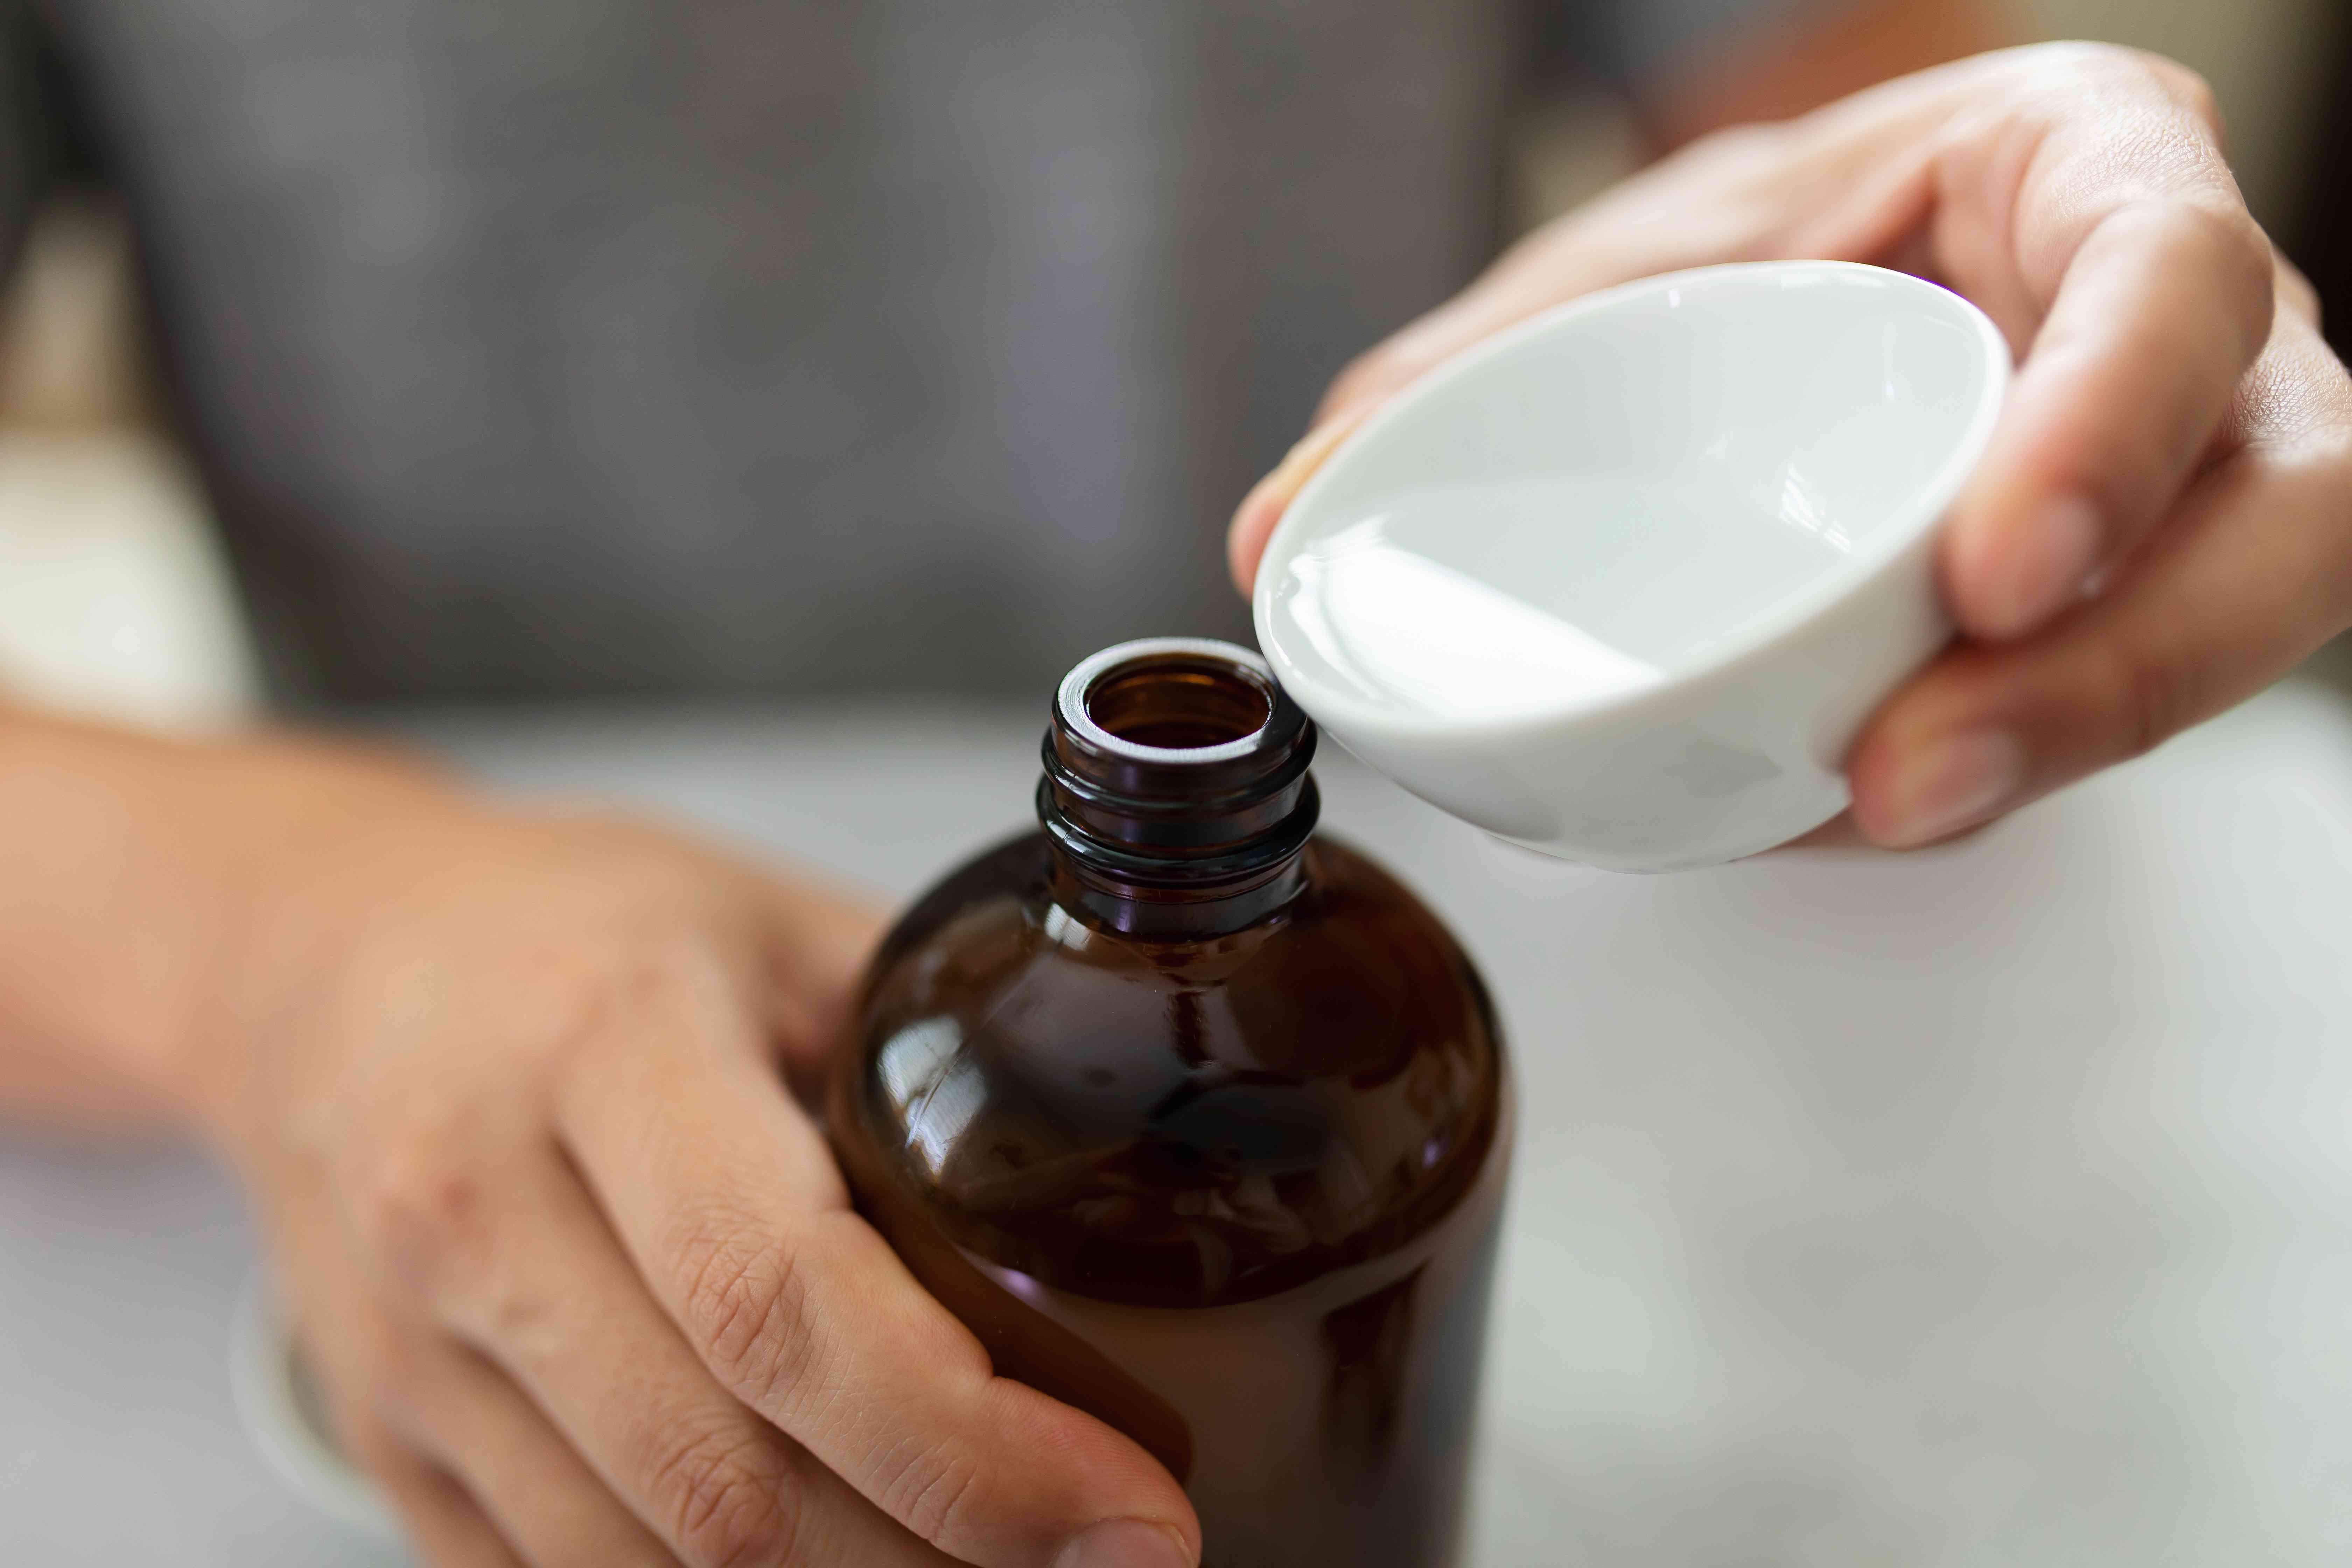 person making a chlorine bleach spray